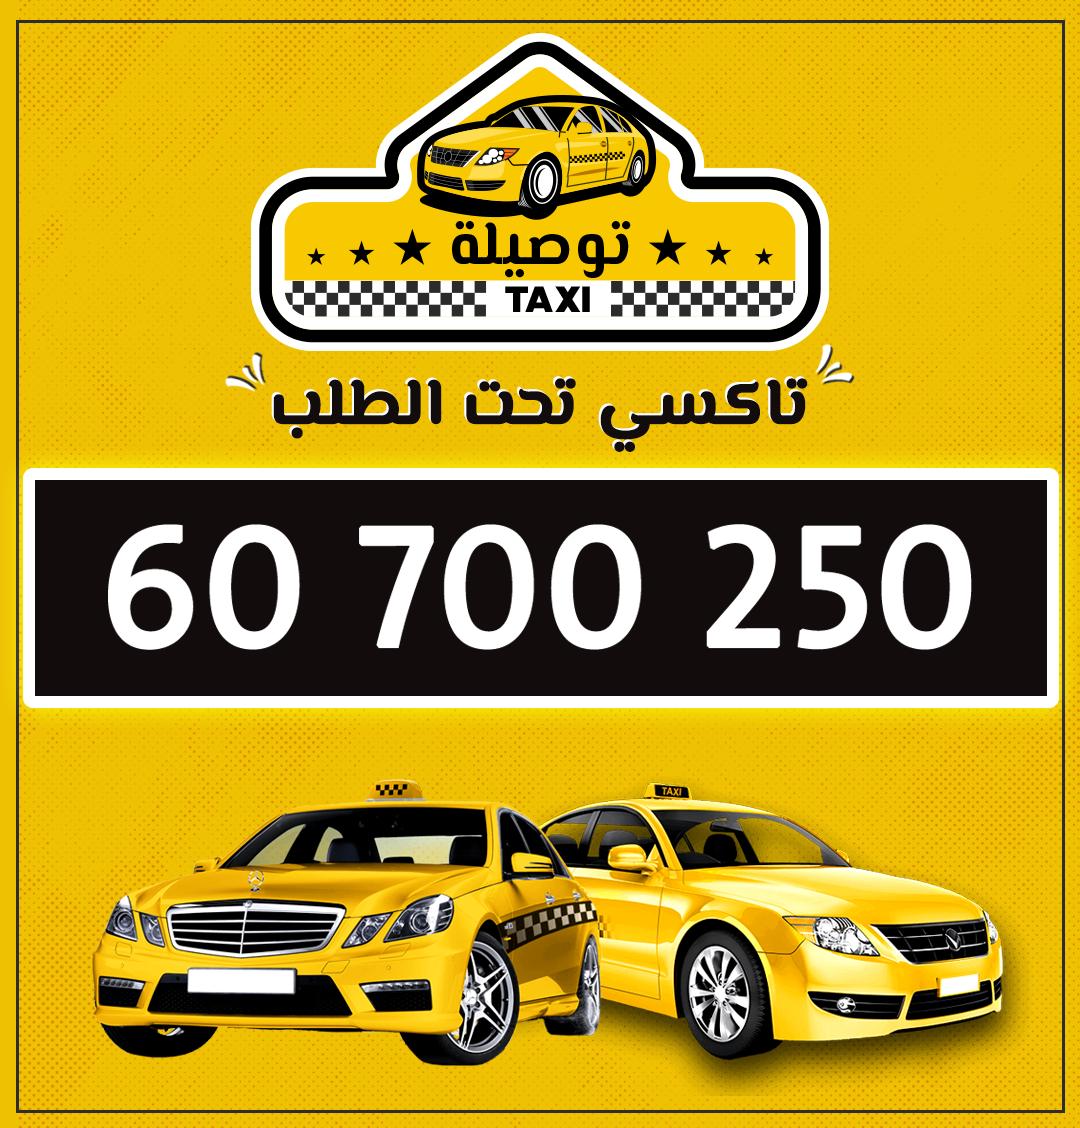 تاكسي توصيلة في شارع يوسف الصبيح